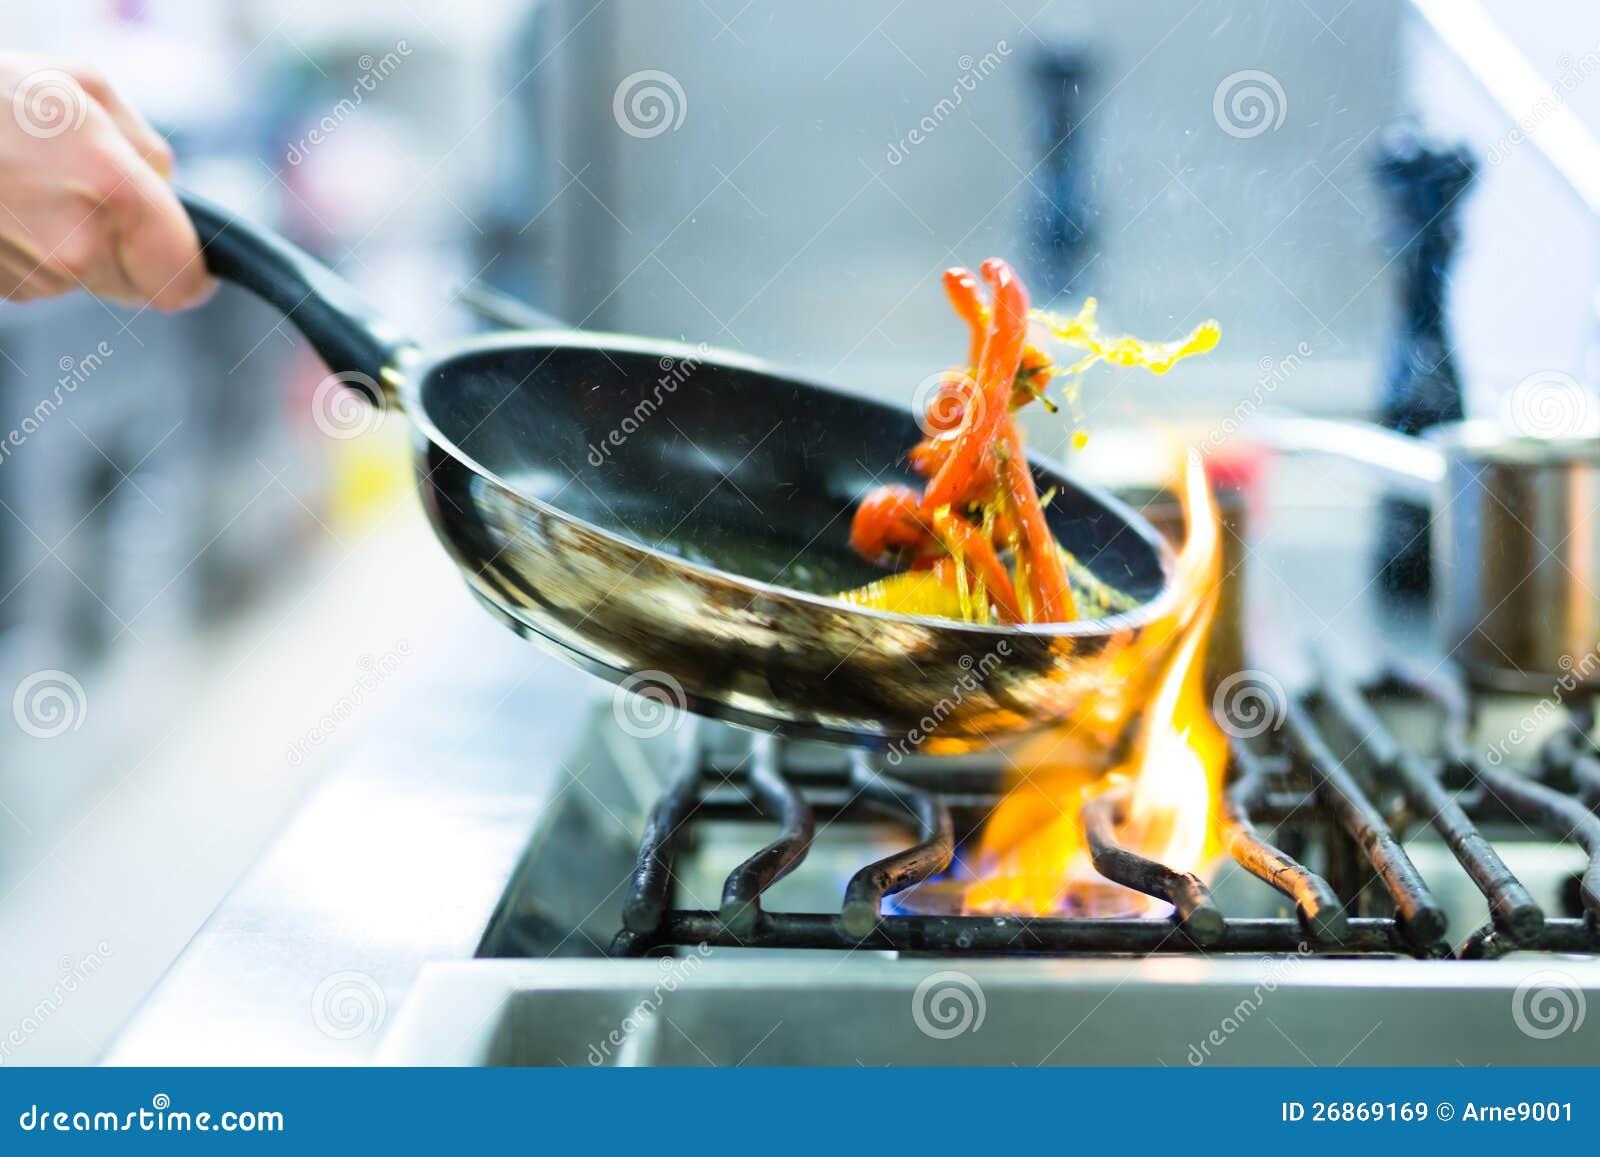 Chef in der Gaststätteküche am Ofen mit Wanne